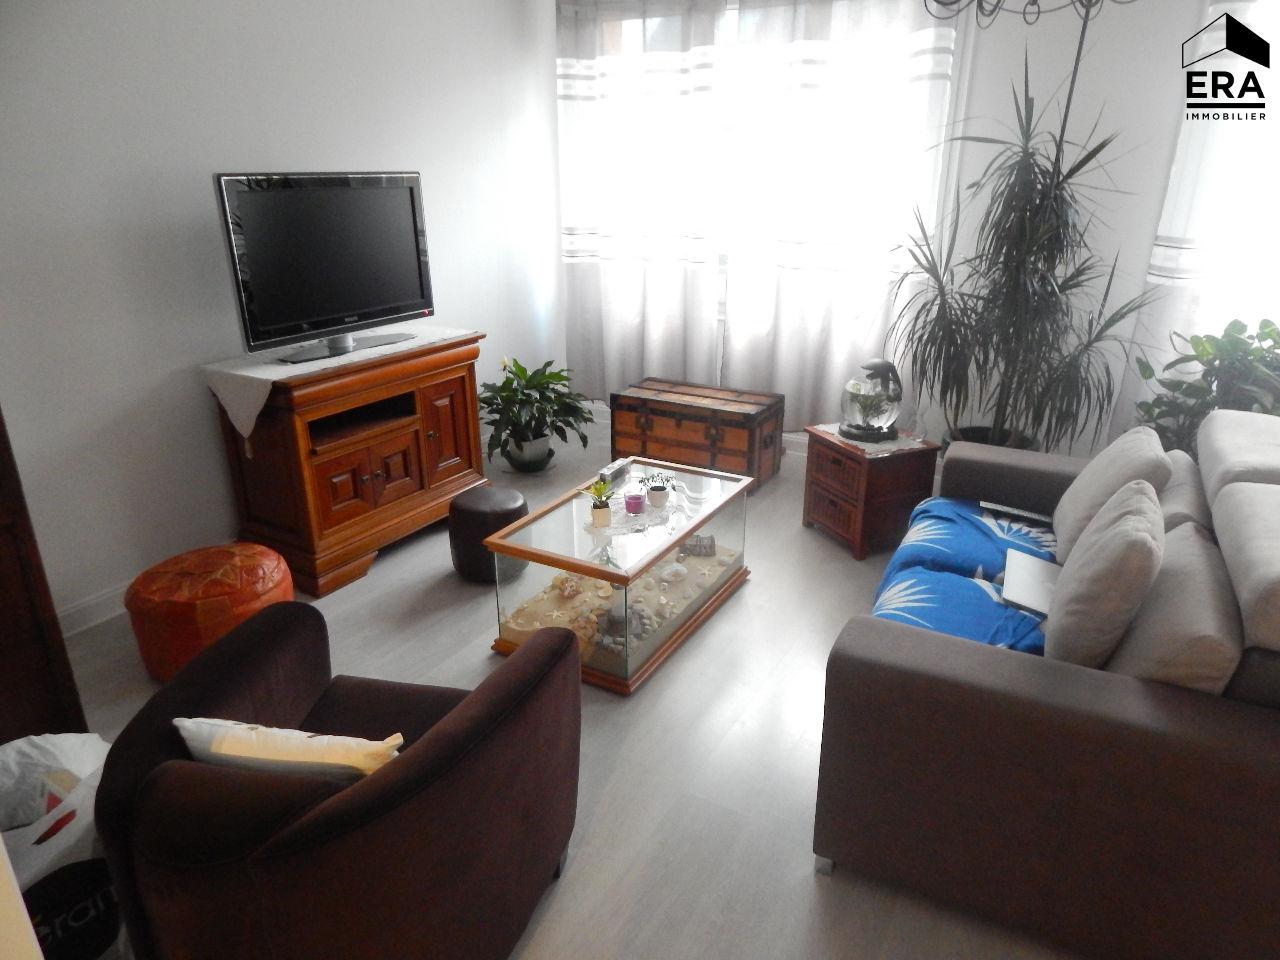 a vendre appartement lorient 128 m 200 880 era lann orient. Black Bedroom Furniture Sets. Home Design Ideas